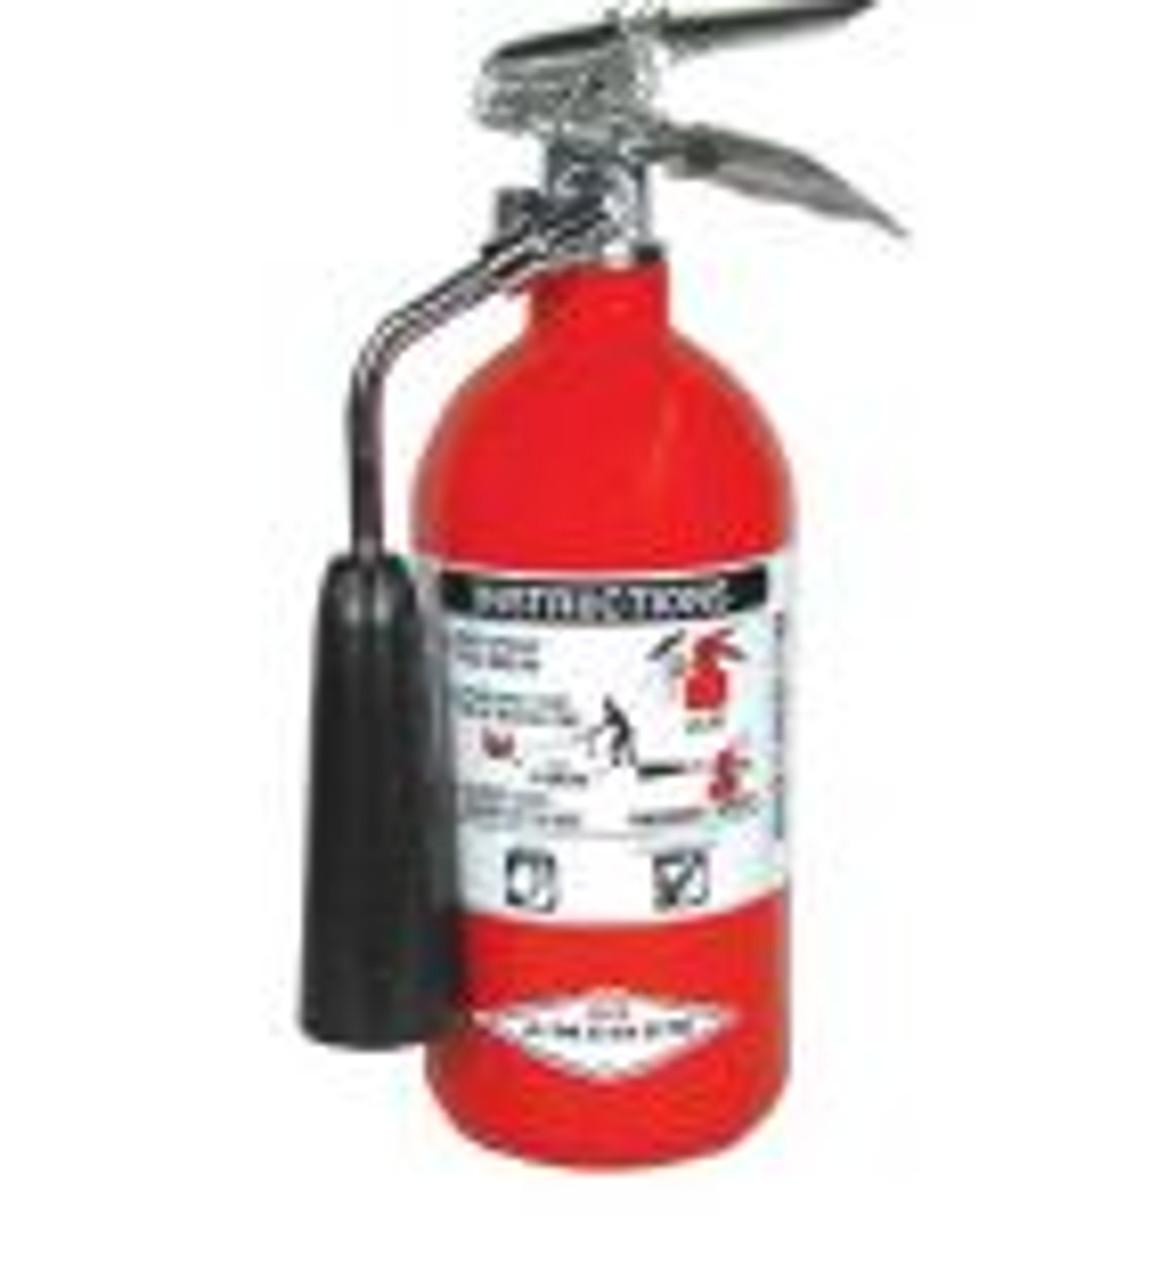 Amerex 320 - 2.5 lb Carbon Dioxide - Discontinued